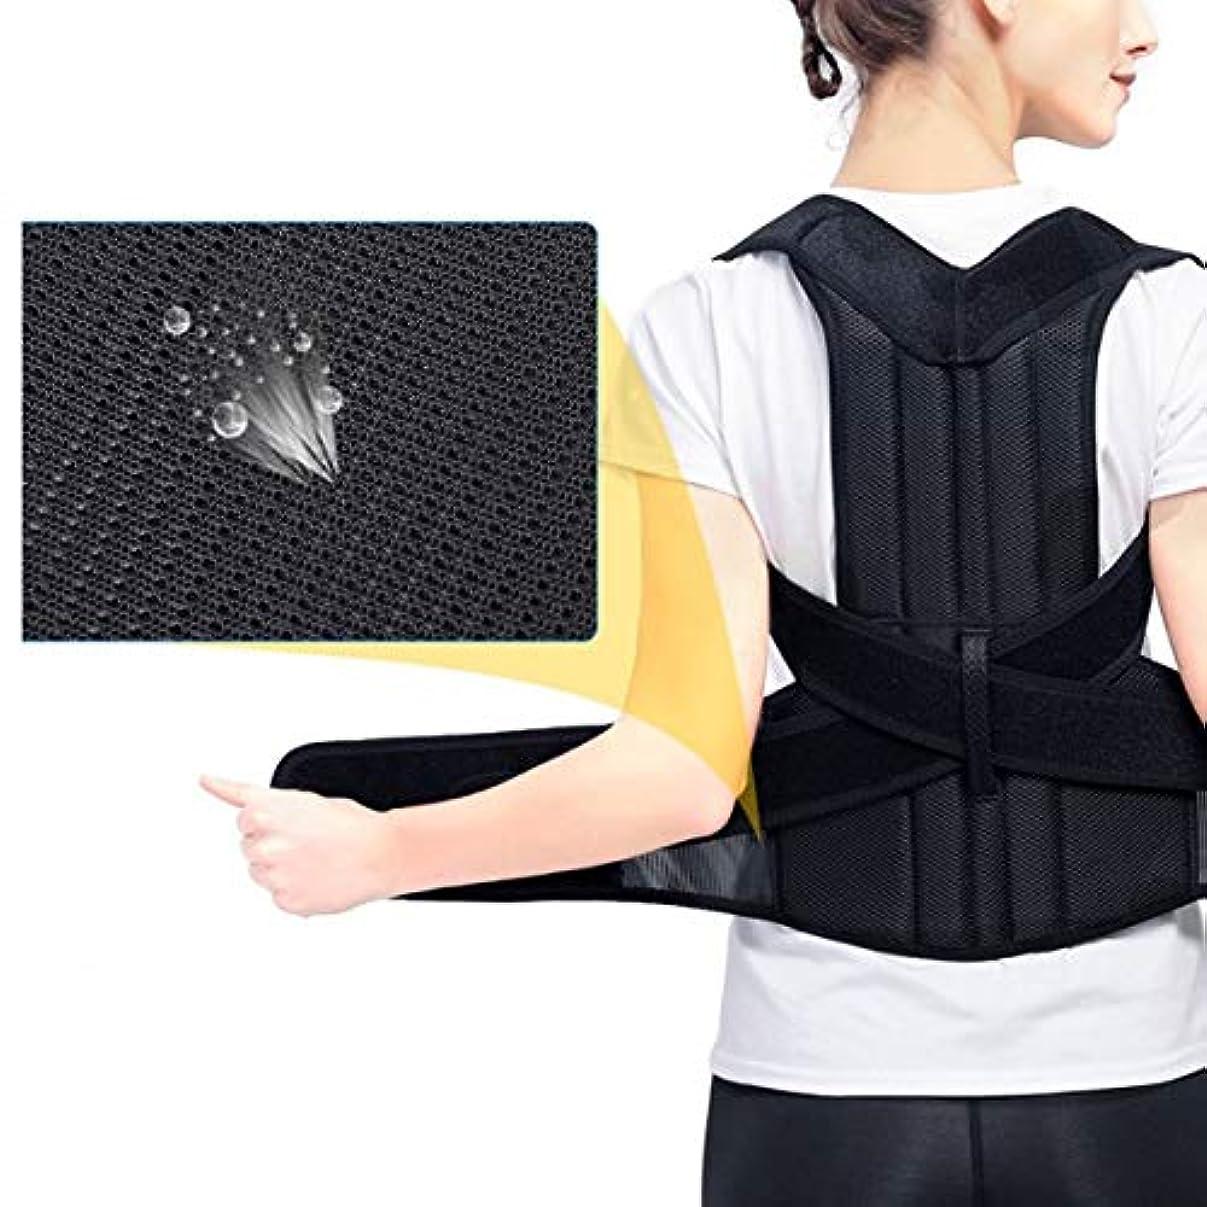 群衆追い出すブラシ腰椎矯正バックブレース背骨装具側弯症腰椎サポート脊椎湾曲装具固定用姿勢 - 黒